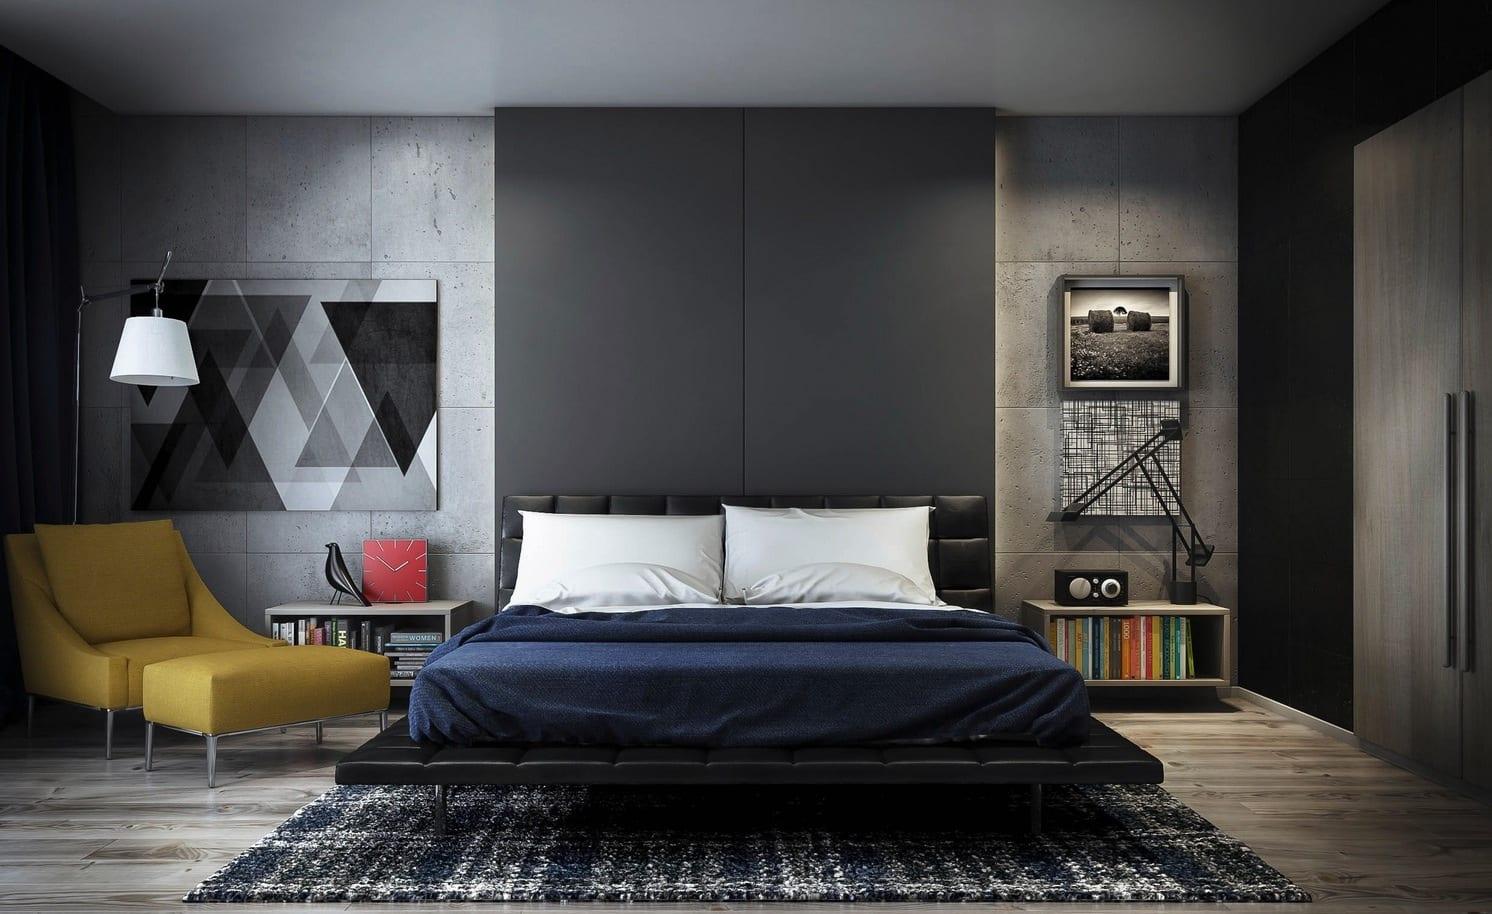 modernes interior aus beton-schlafzimmer grau mit sichtbetonwänden ...